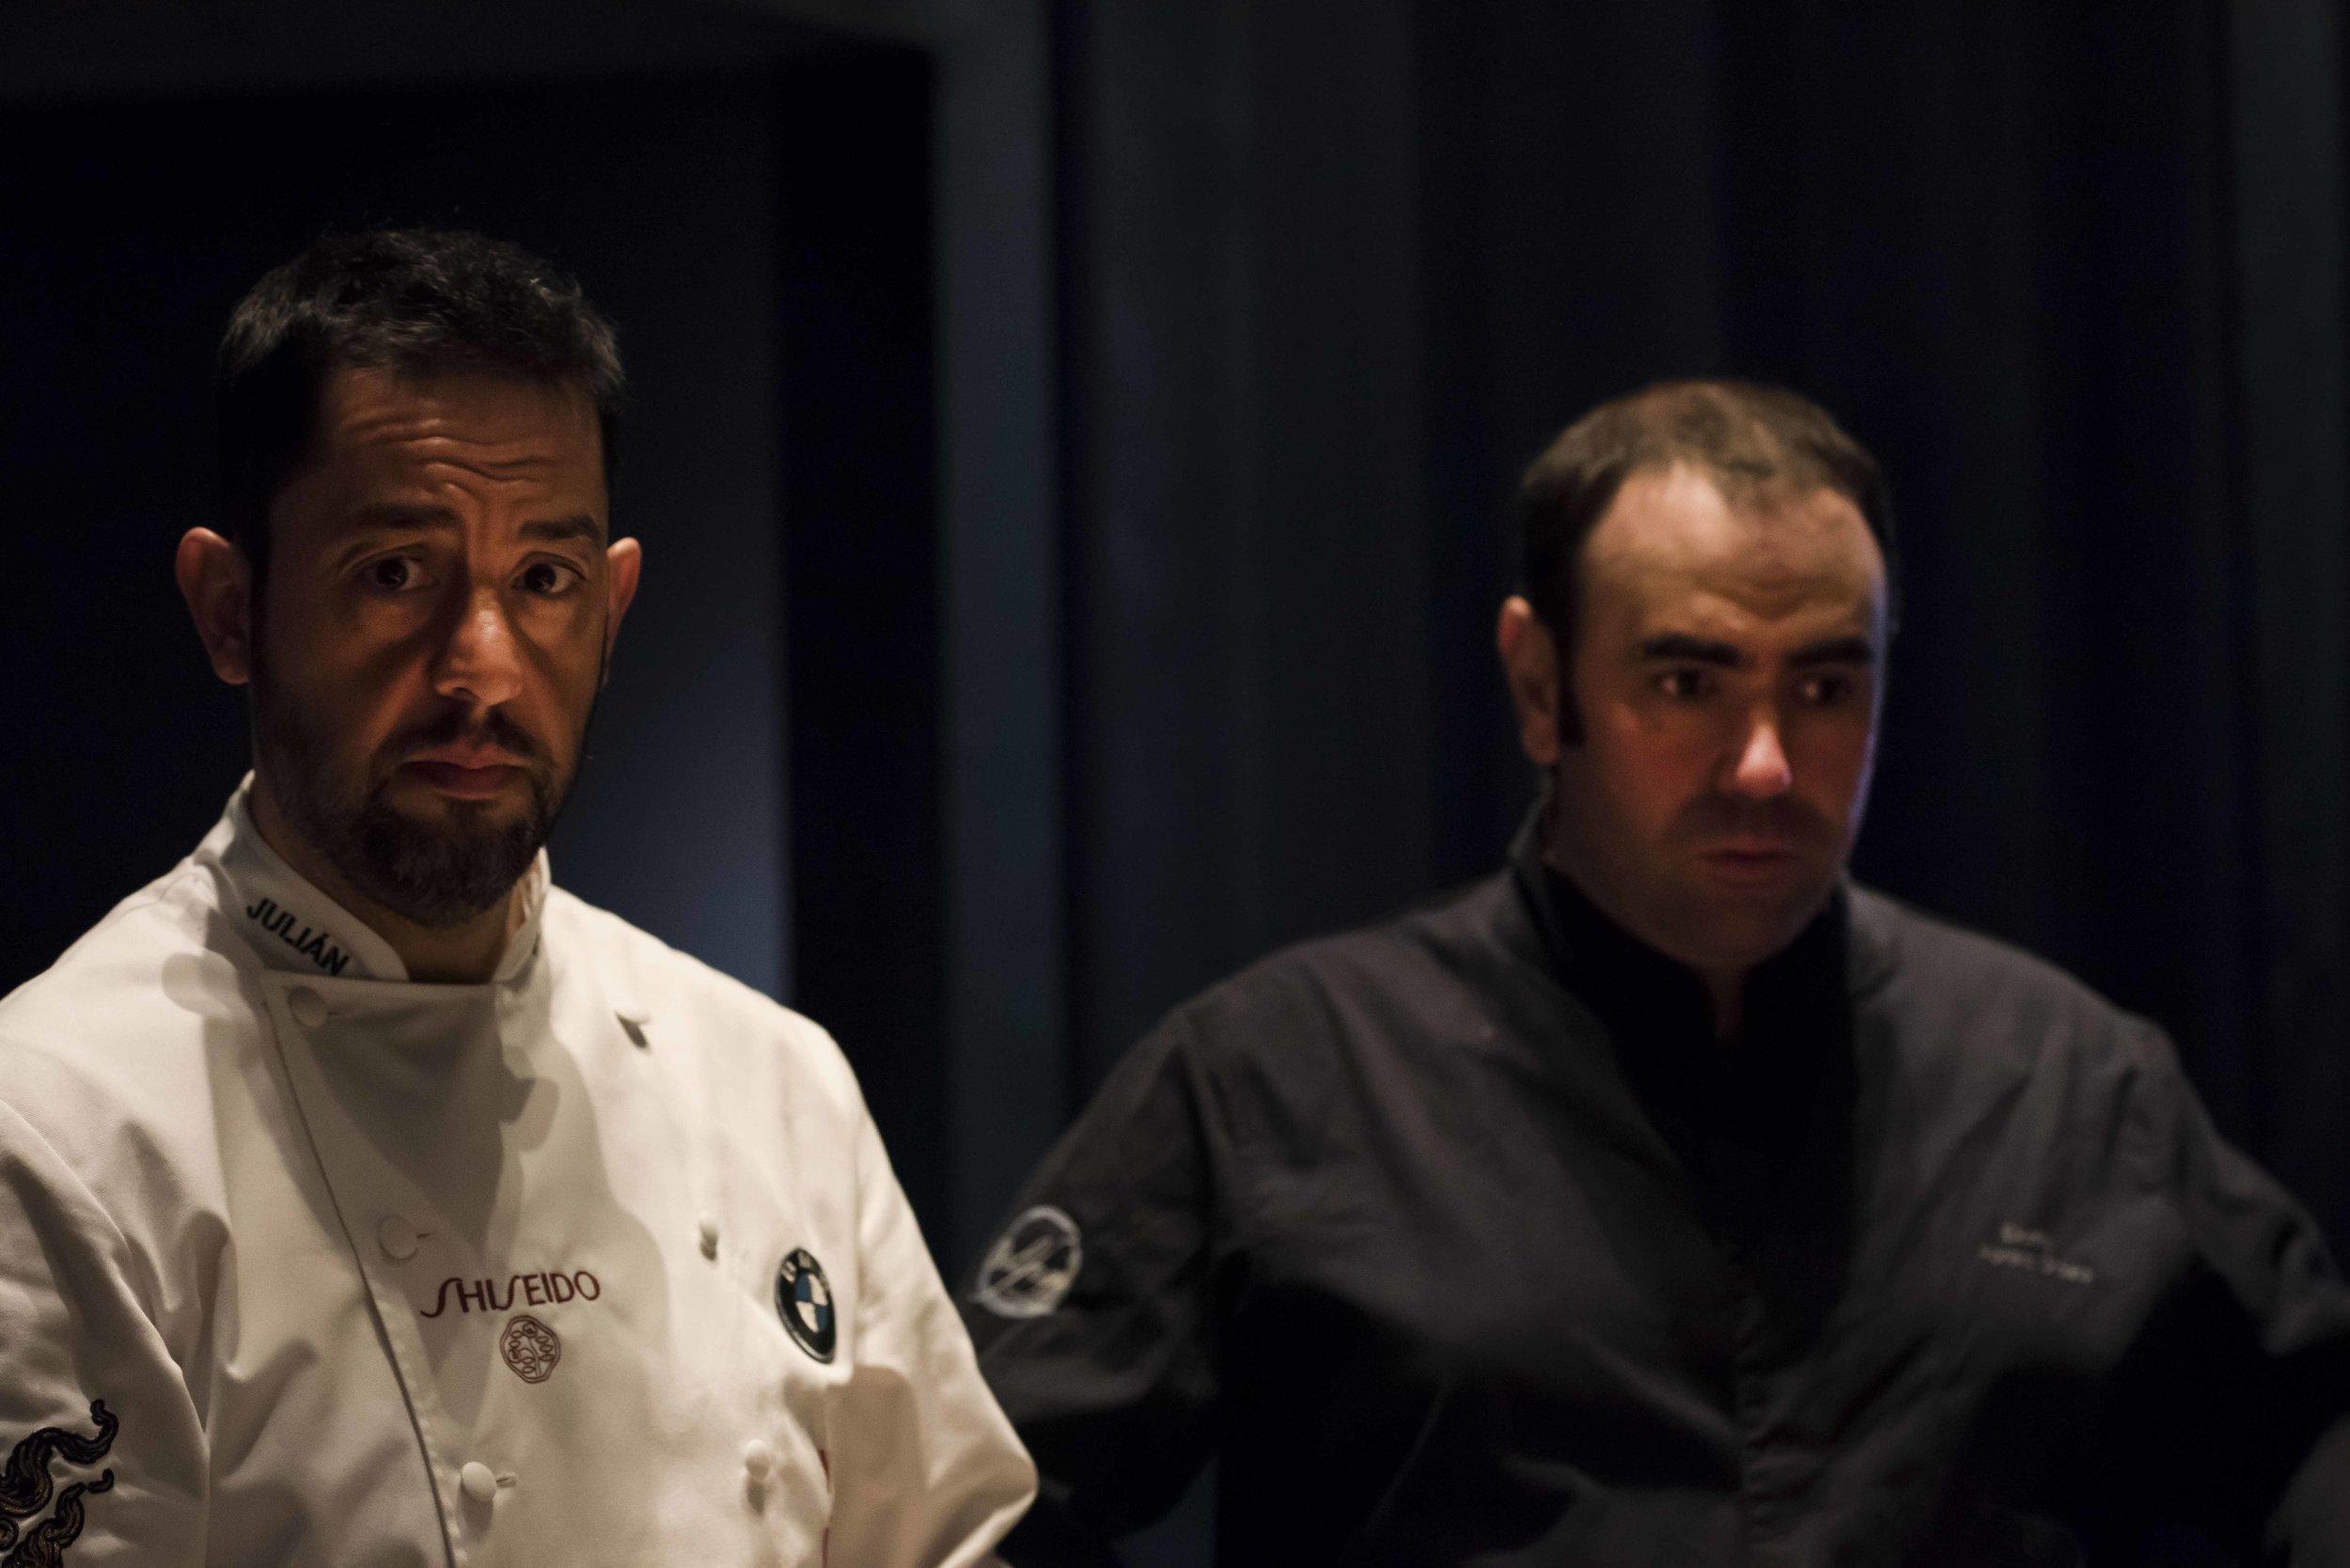 Julián Mármol from Yugo the Bunker in Madrid and Ekaitz Apraiz from Tunateca